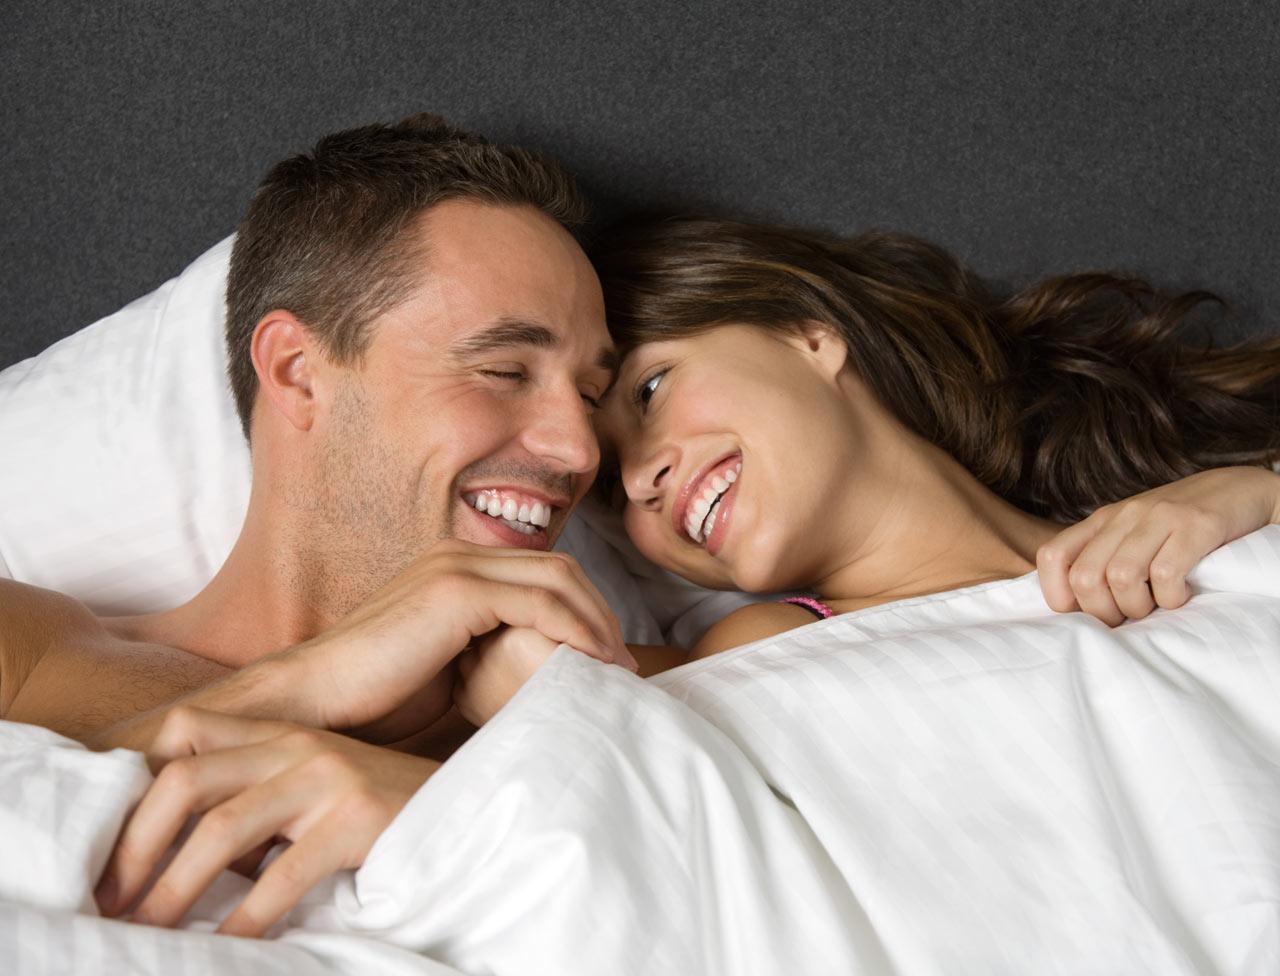 Секс муж и жена смотреть, Муж и жена - Настоящее порно мужа и жены! 29 фотография